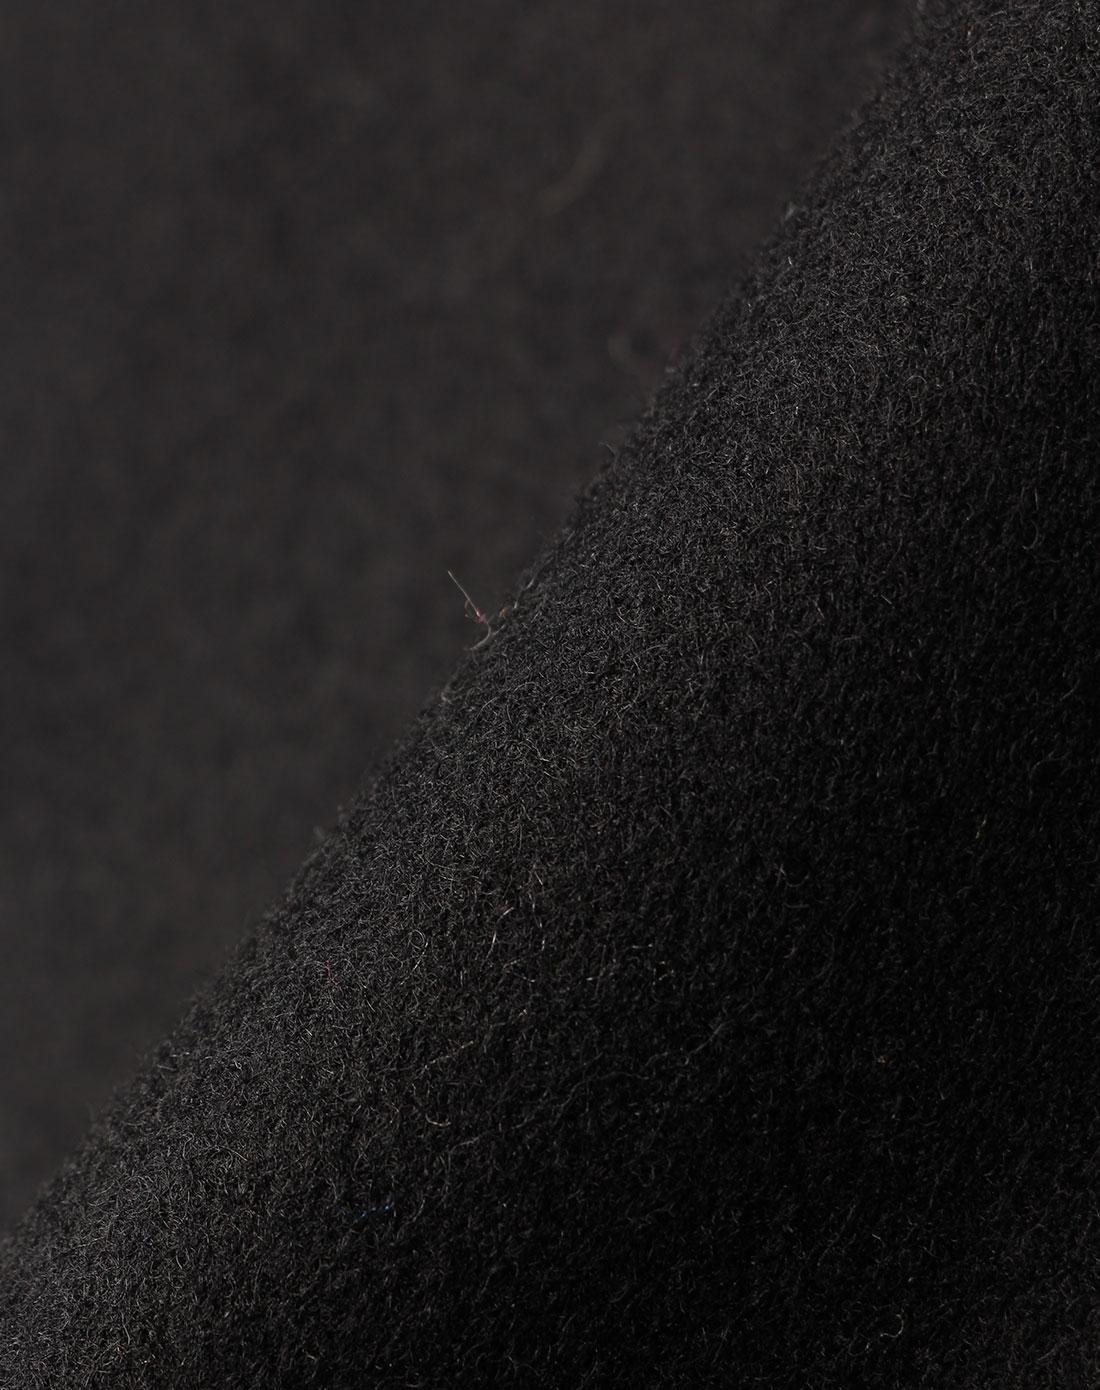 黑色卡纸画星空手绘